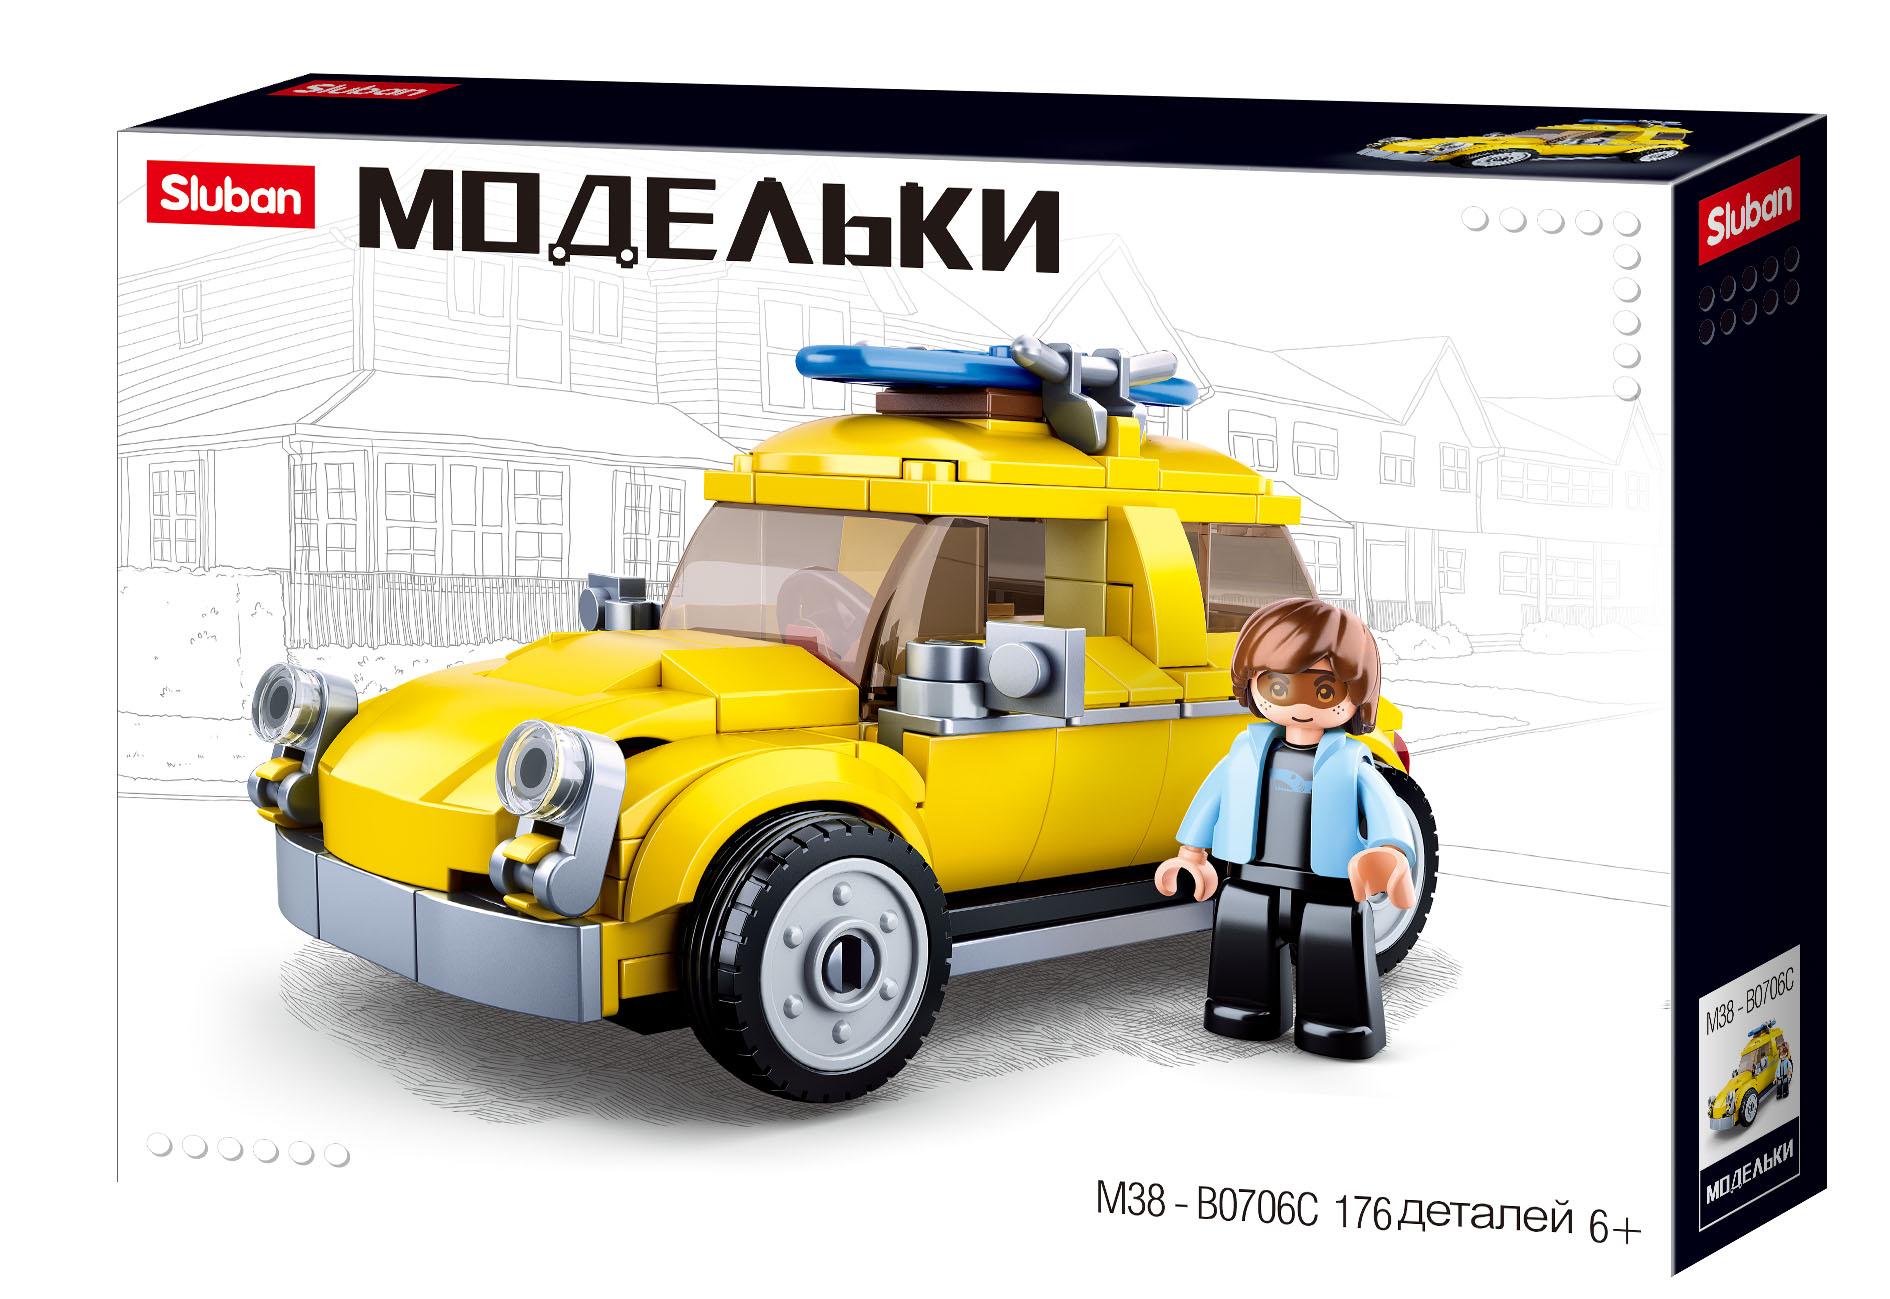 Конструктор Sluban Модельки, 176 деталей